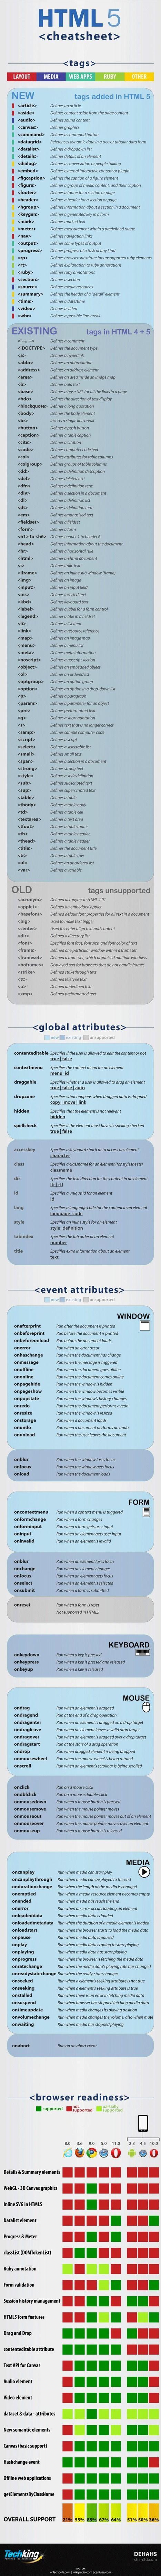 Ultimate HTML5 Cheatsheet | Tecnología Web & Móvil | Scoop.it